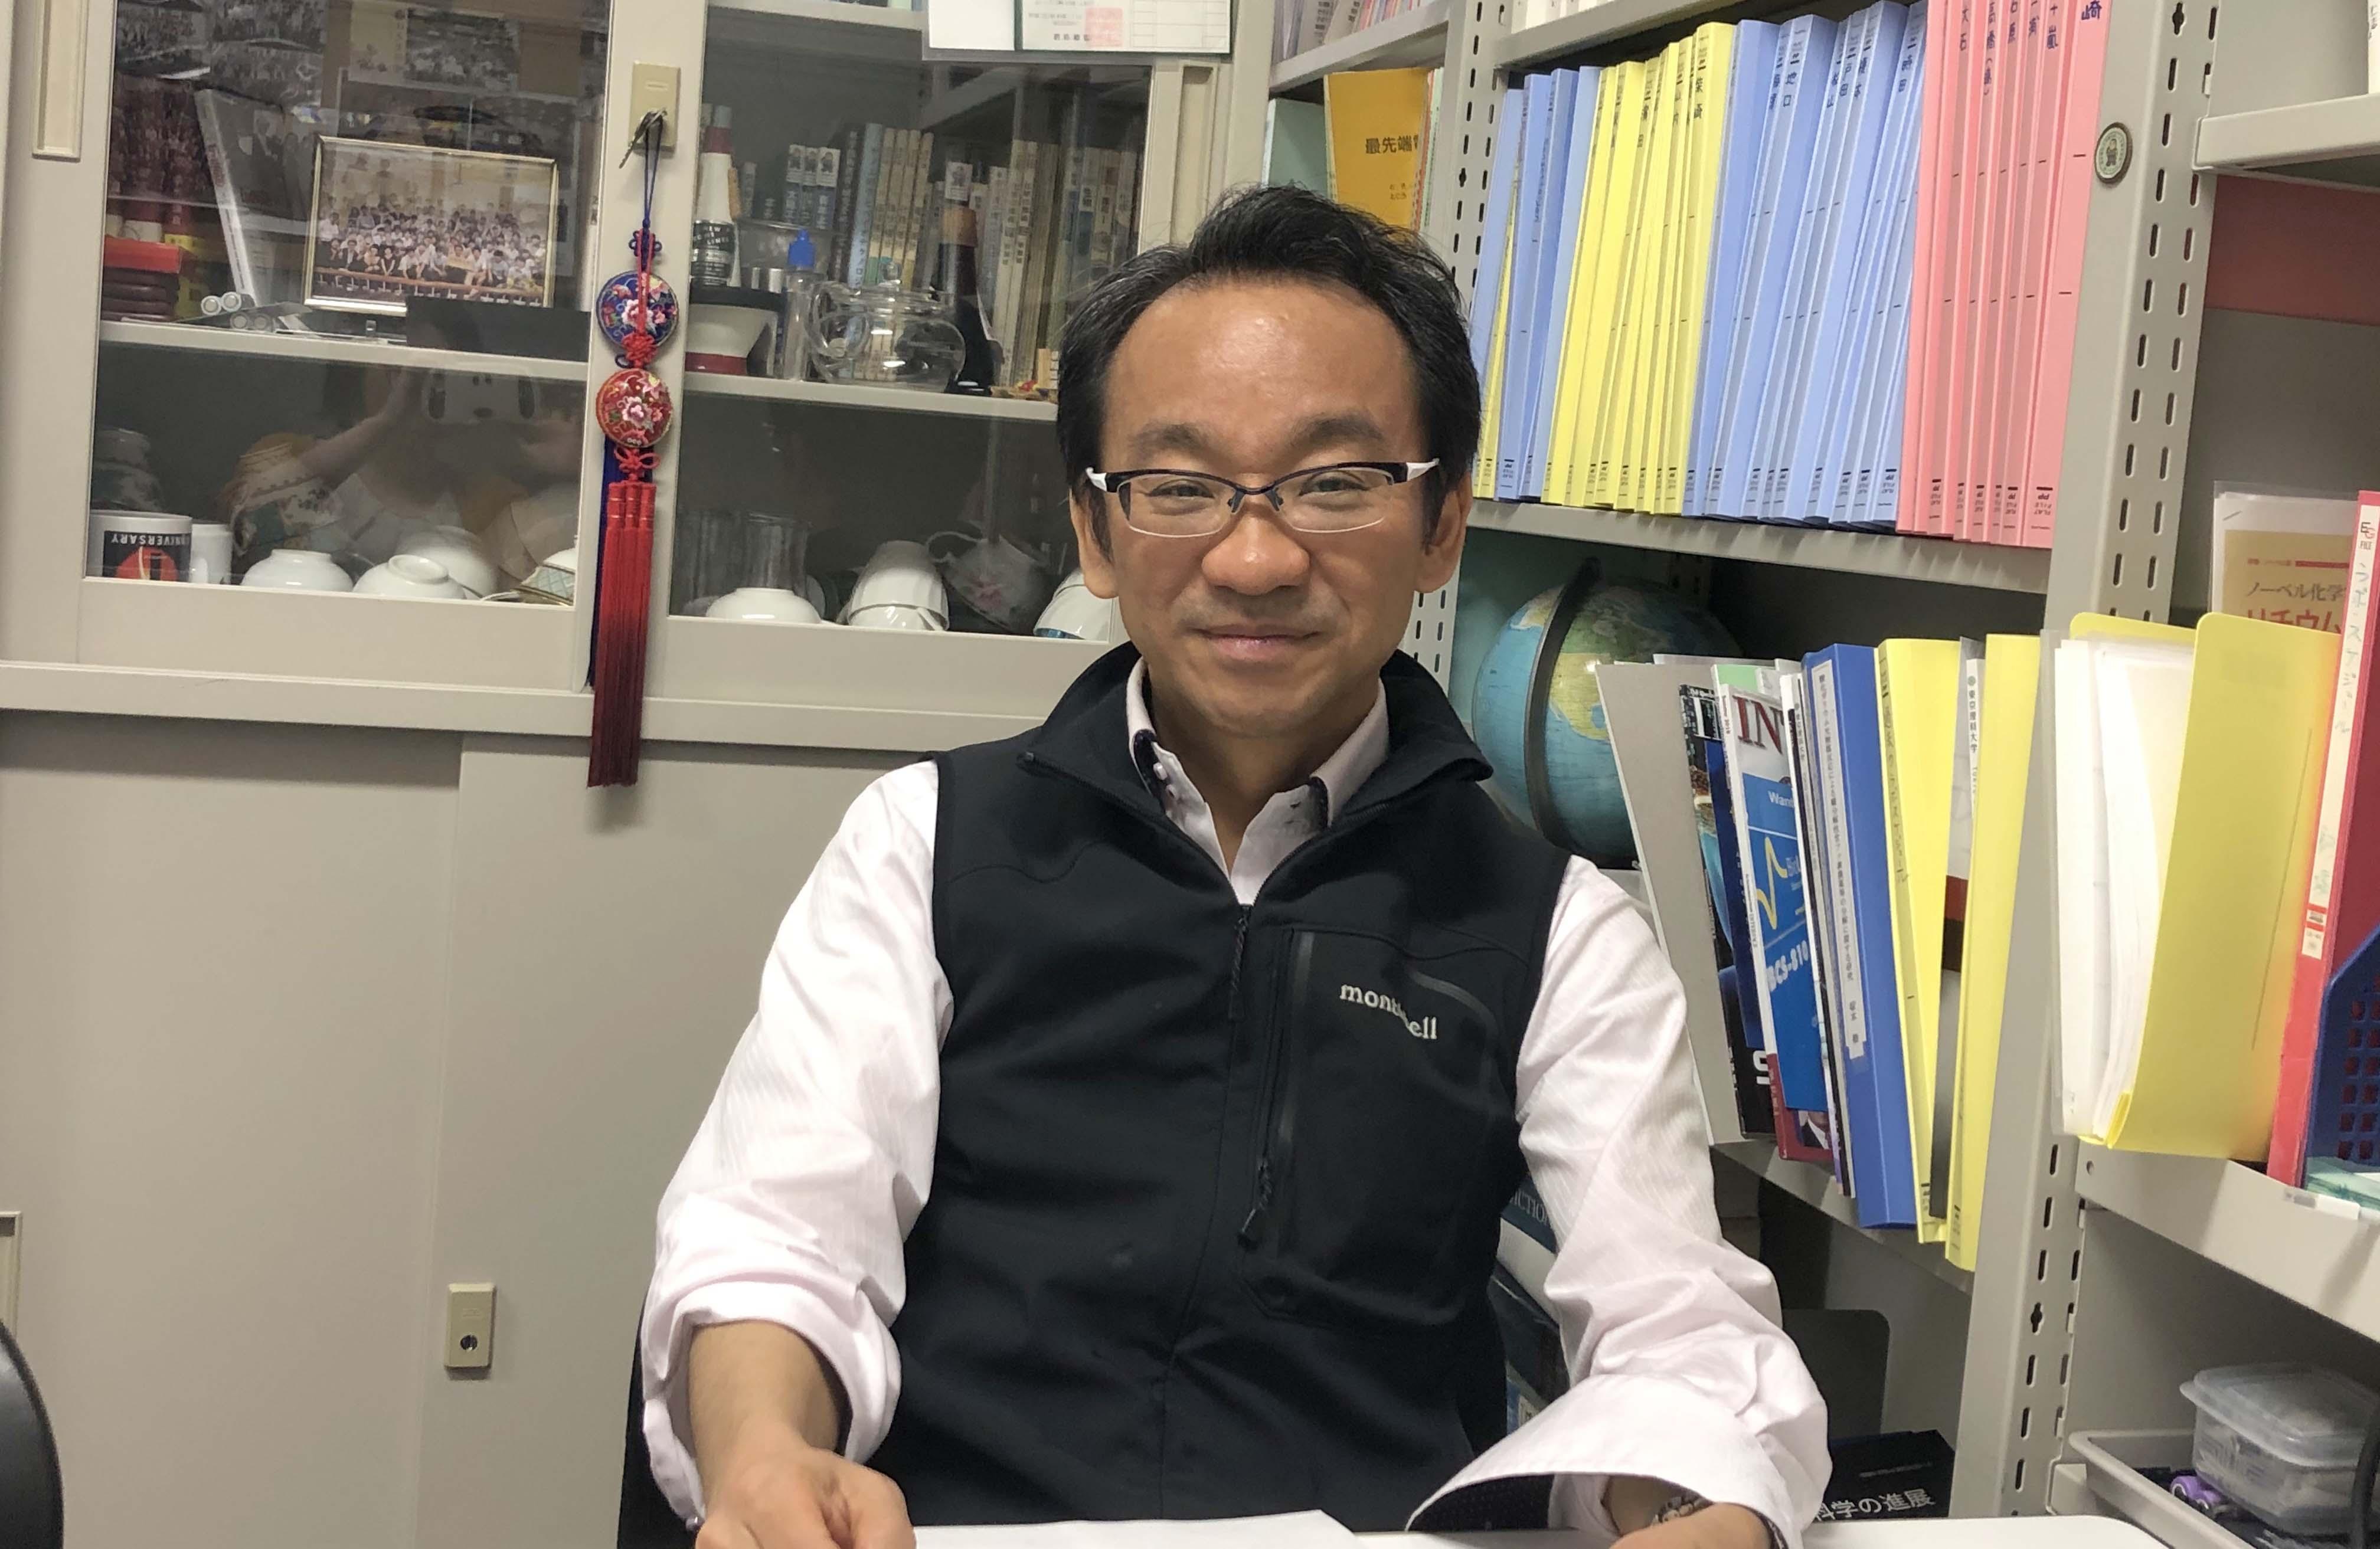 東京理科大学の駒場慎一教授